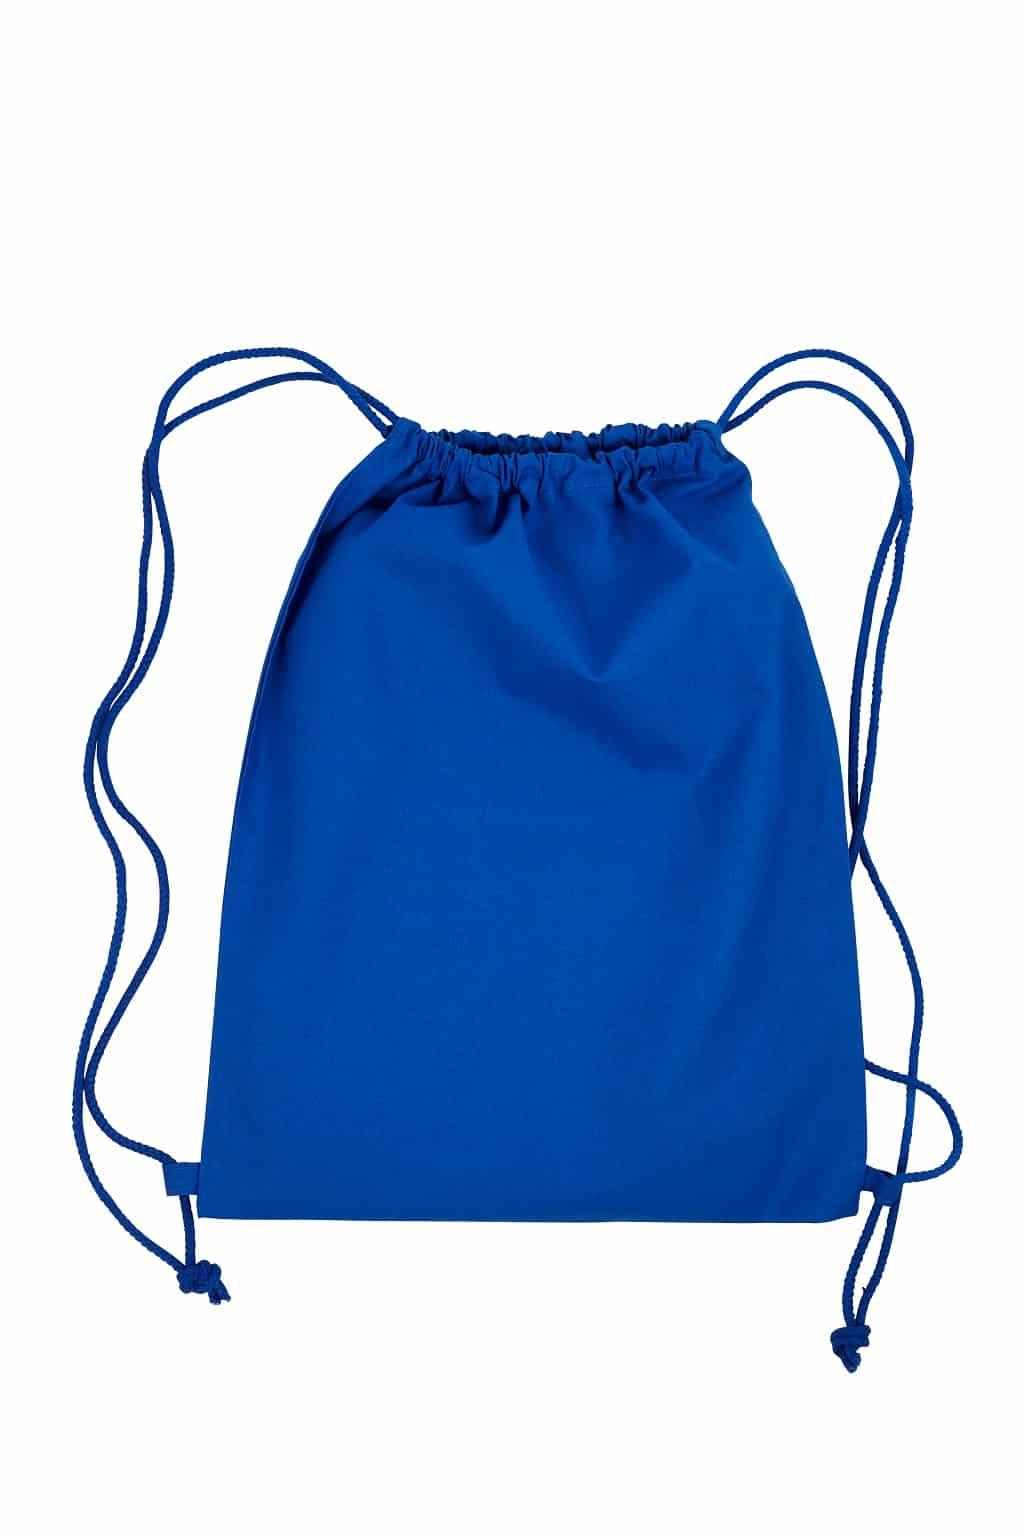 blauer Beutel